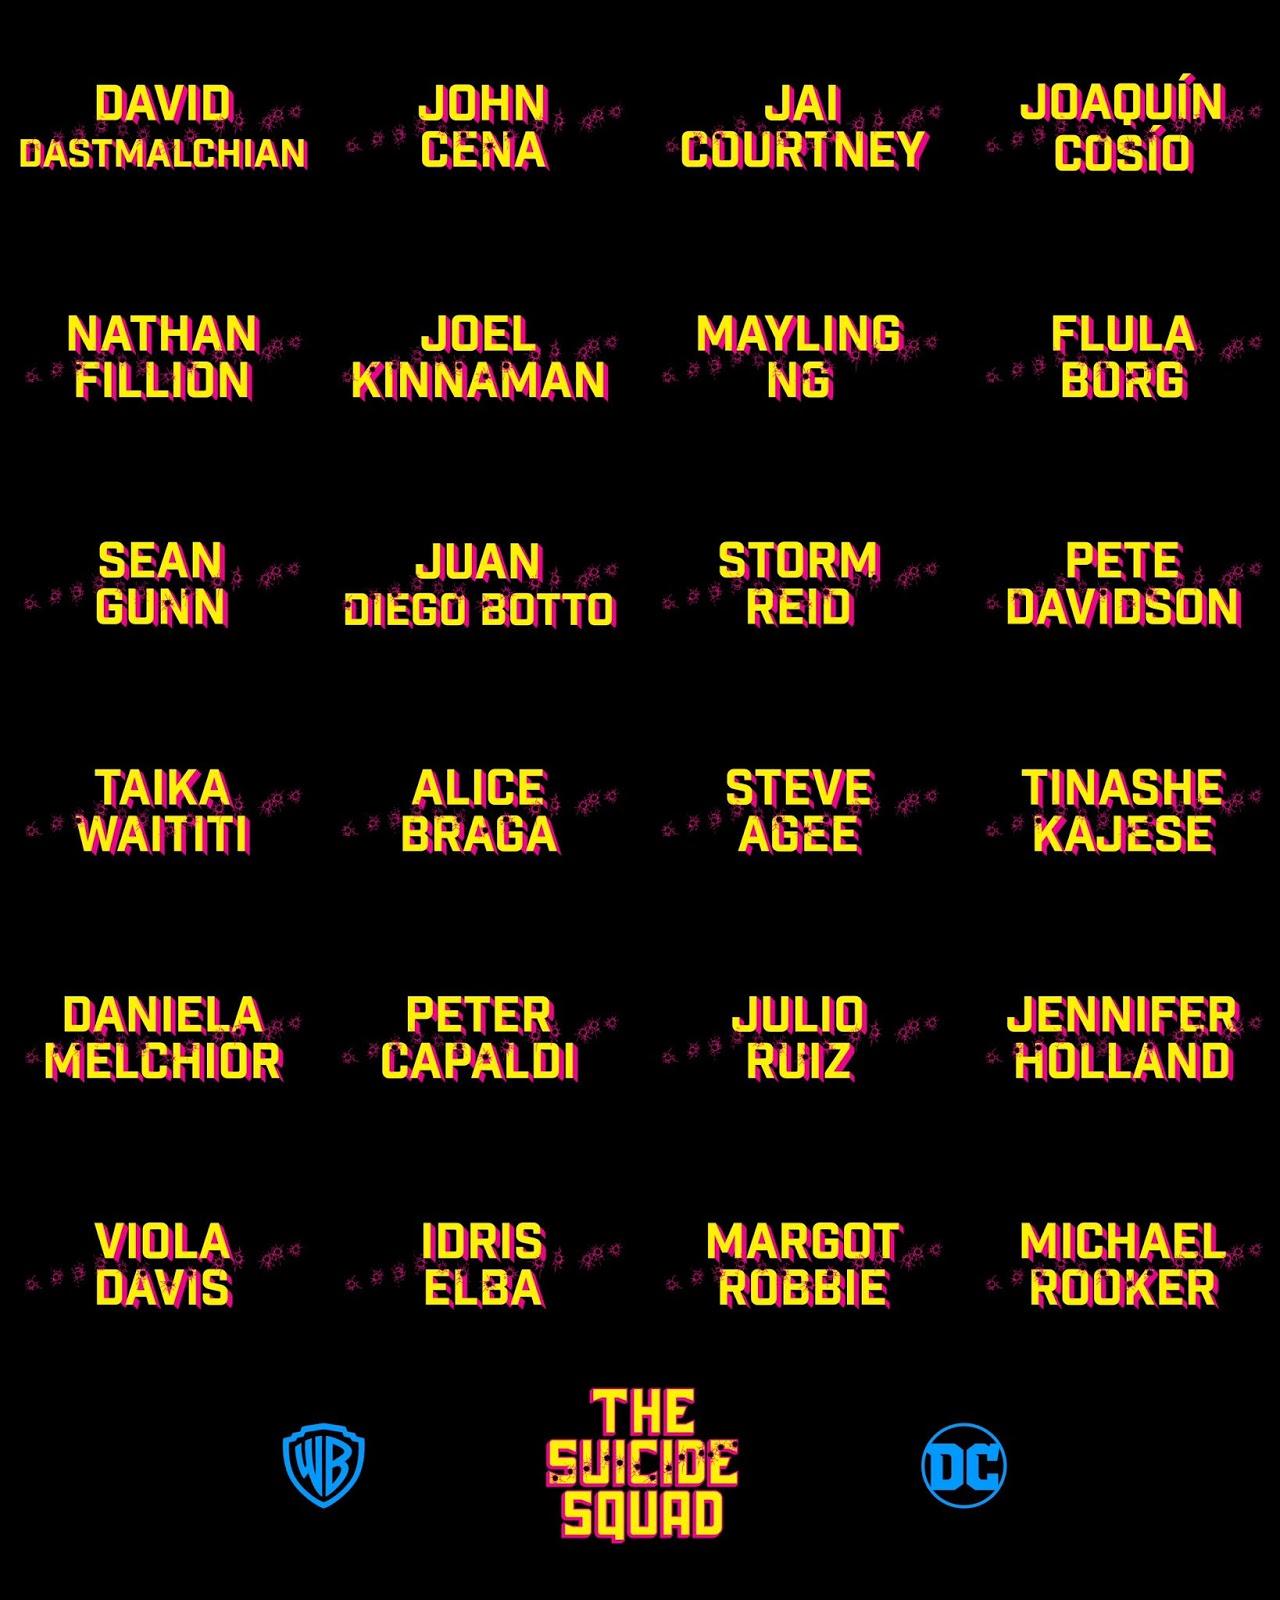 The Suicide Squad official cast list